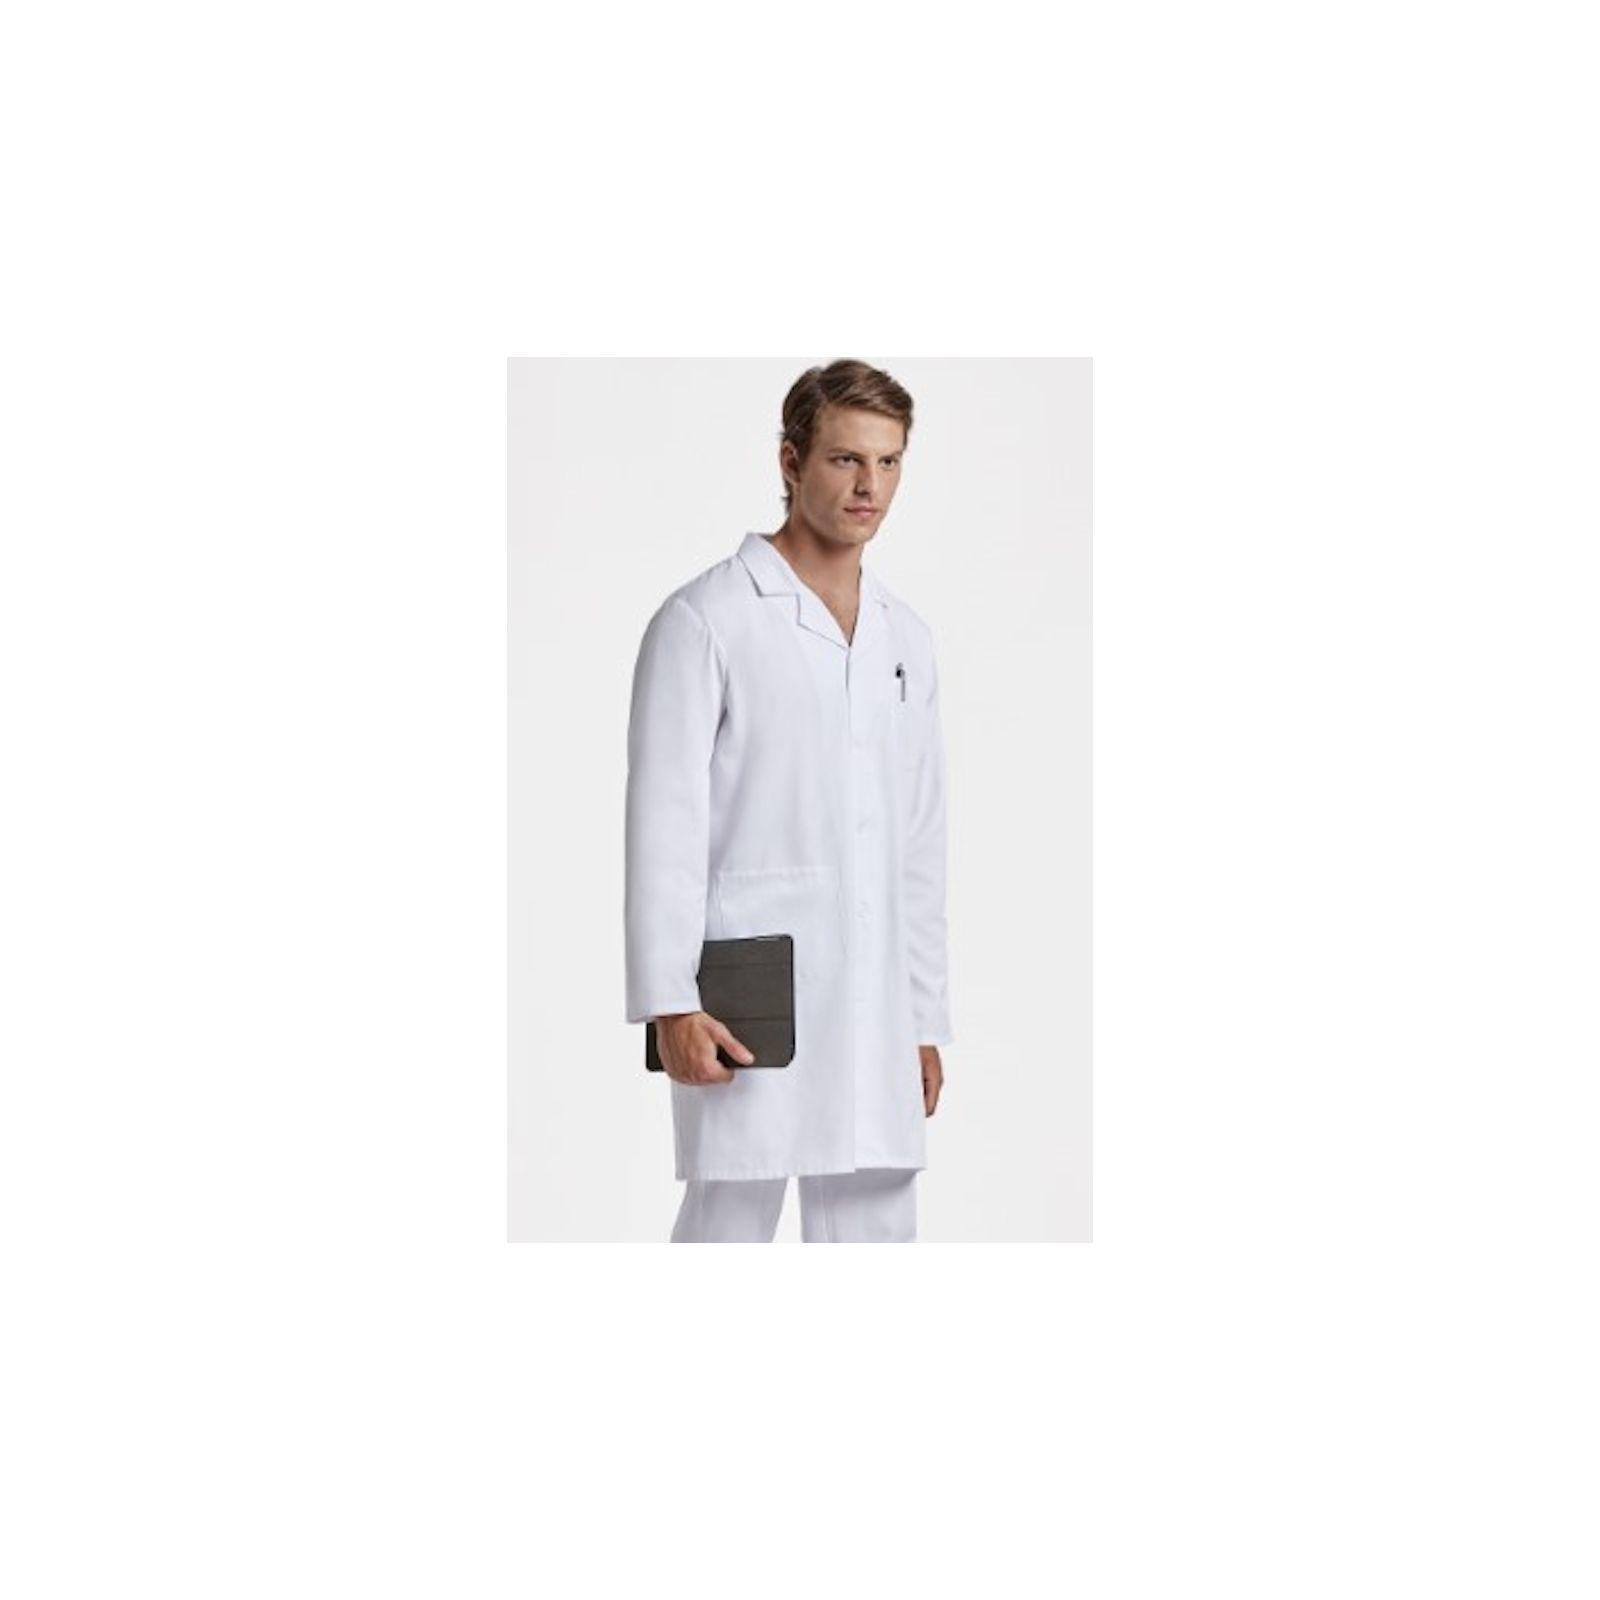 Blouse médicale Blanche Unisexe, manches longues (WALTER) vue modele homme